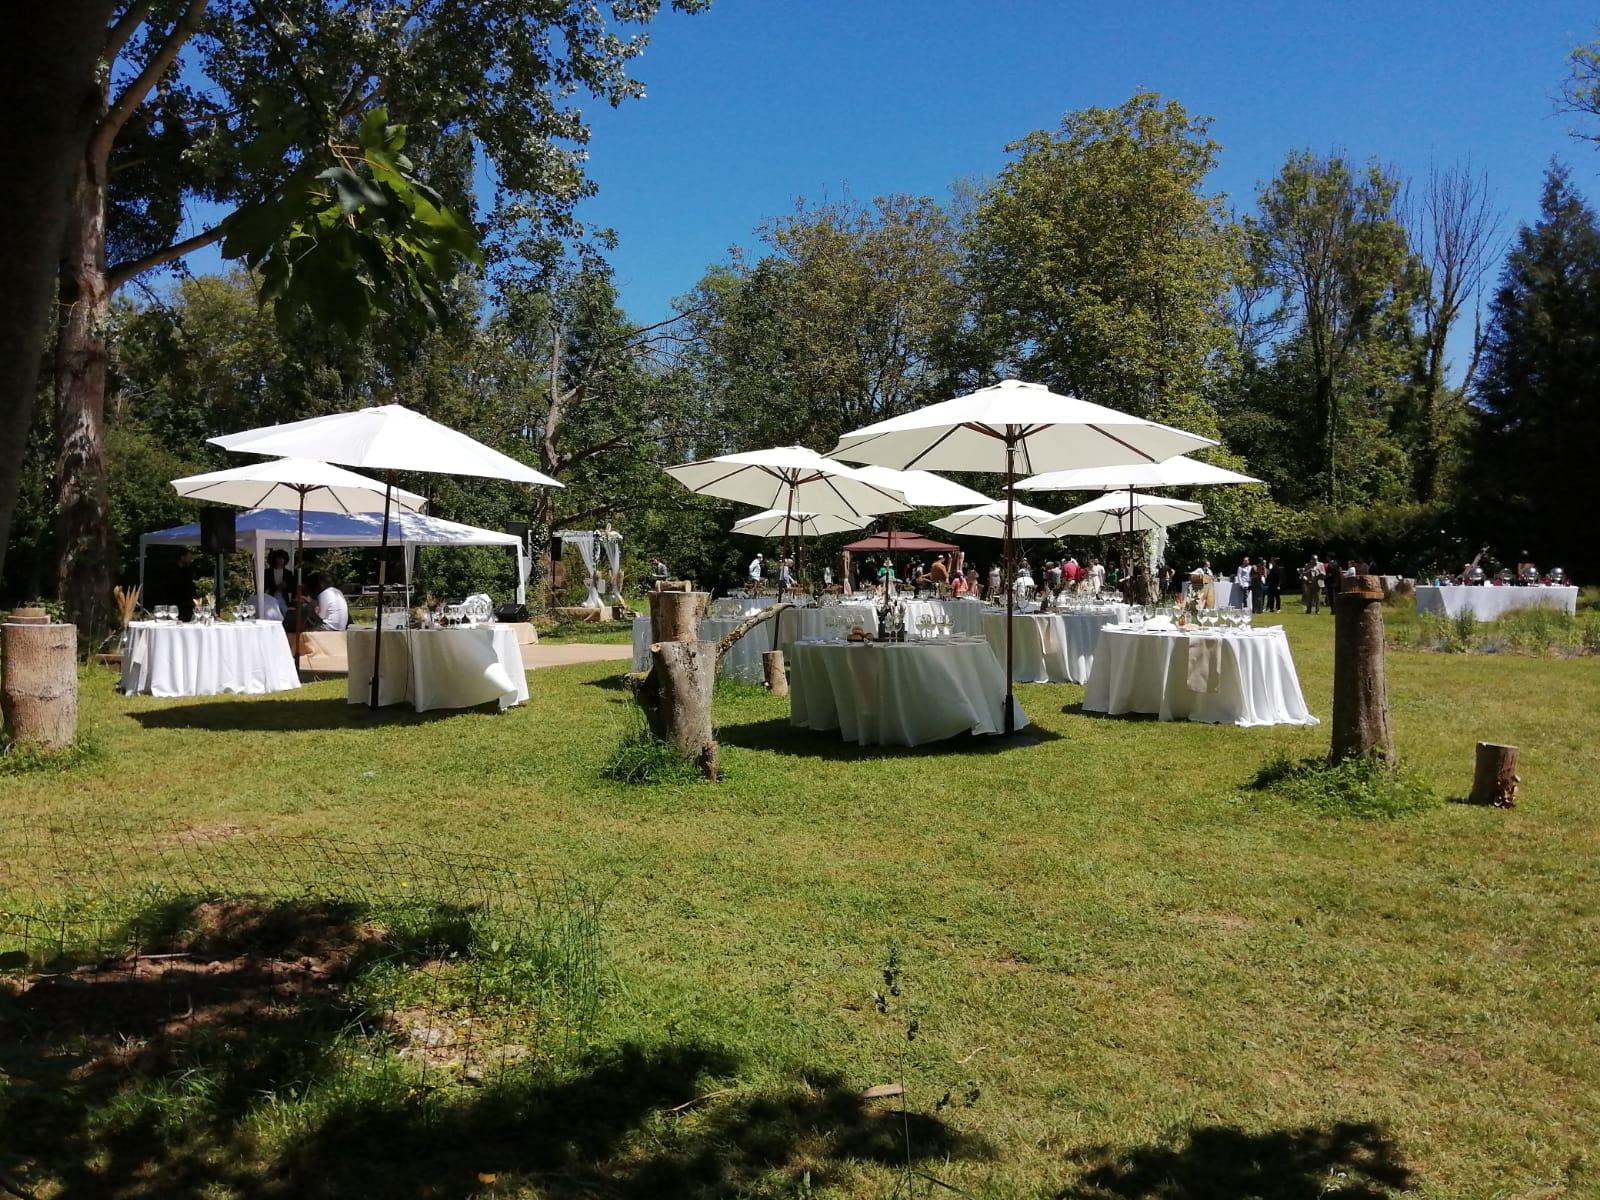 Aménagement du terrain - Mobilier mariage - C&D Events, wedding planner / organisatrice de mariage dans l'Oise